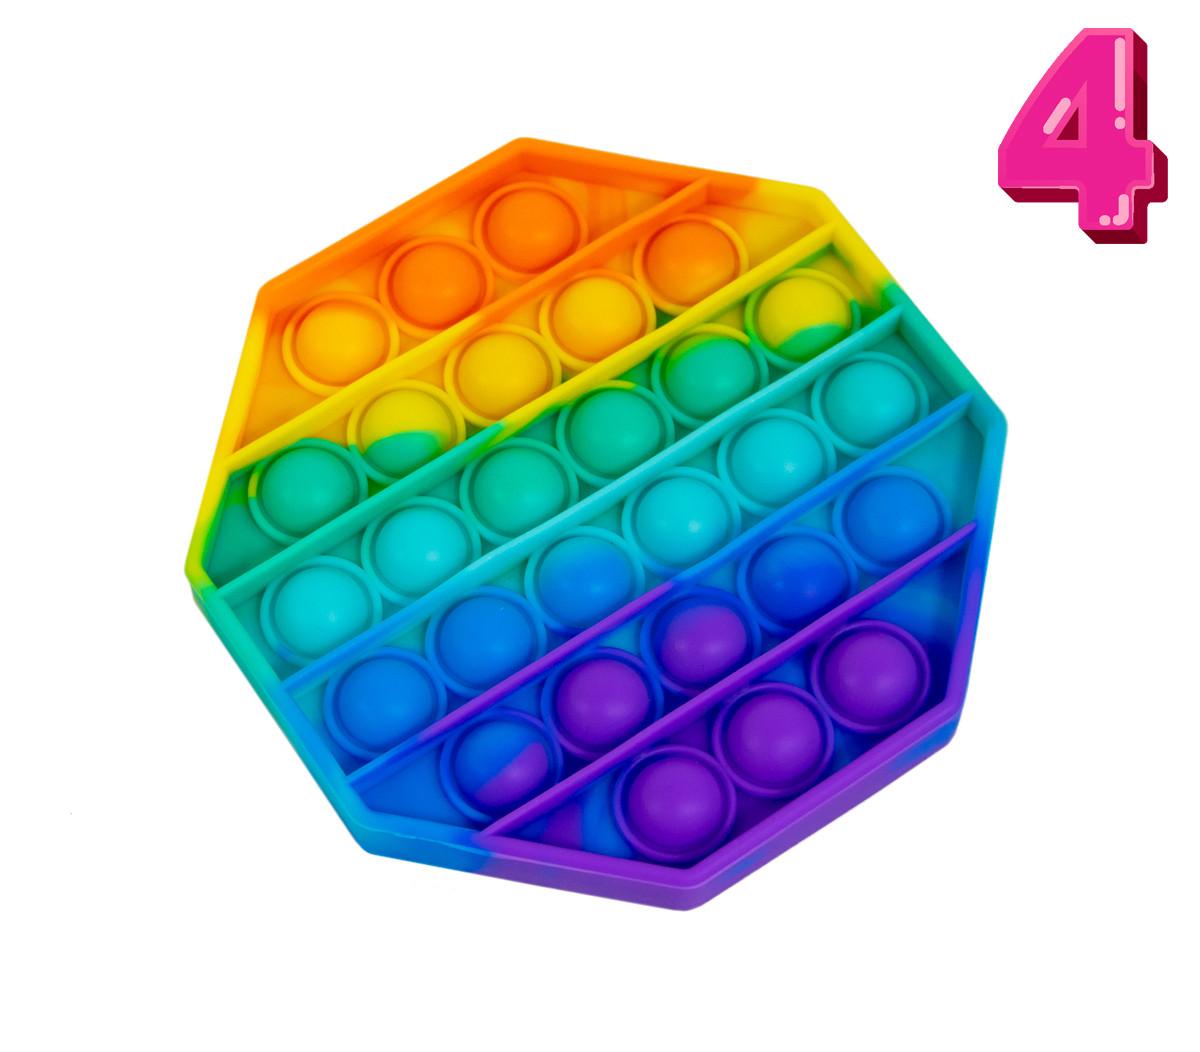 Пупирка антистрес Pop It Різнобарвна в формі Восьмикутника №4, сенсорна іграшка антистрес | поп ит